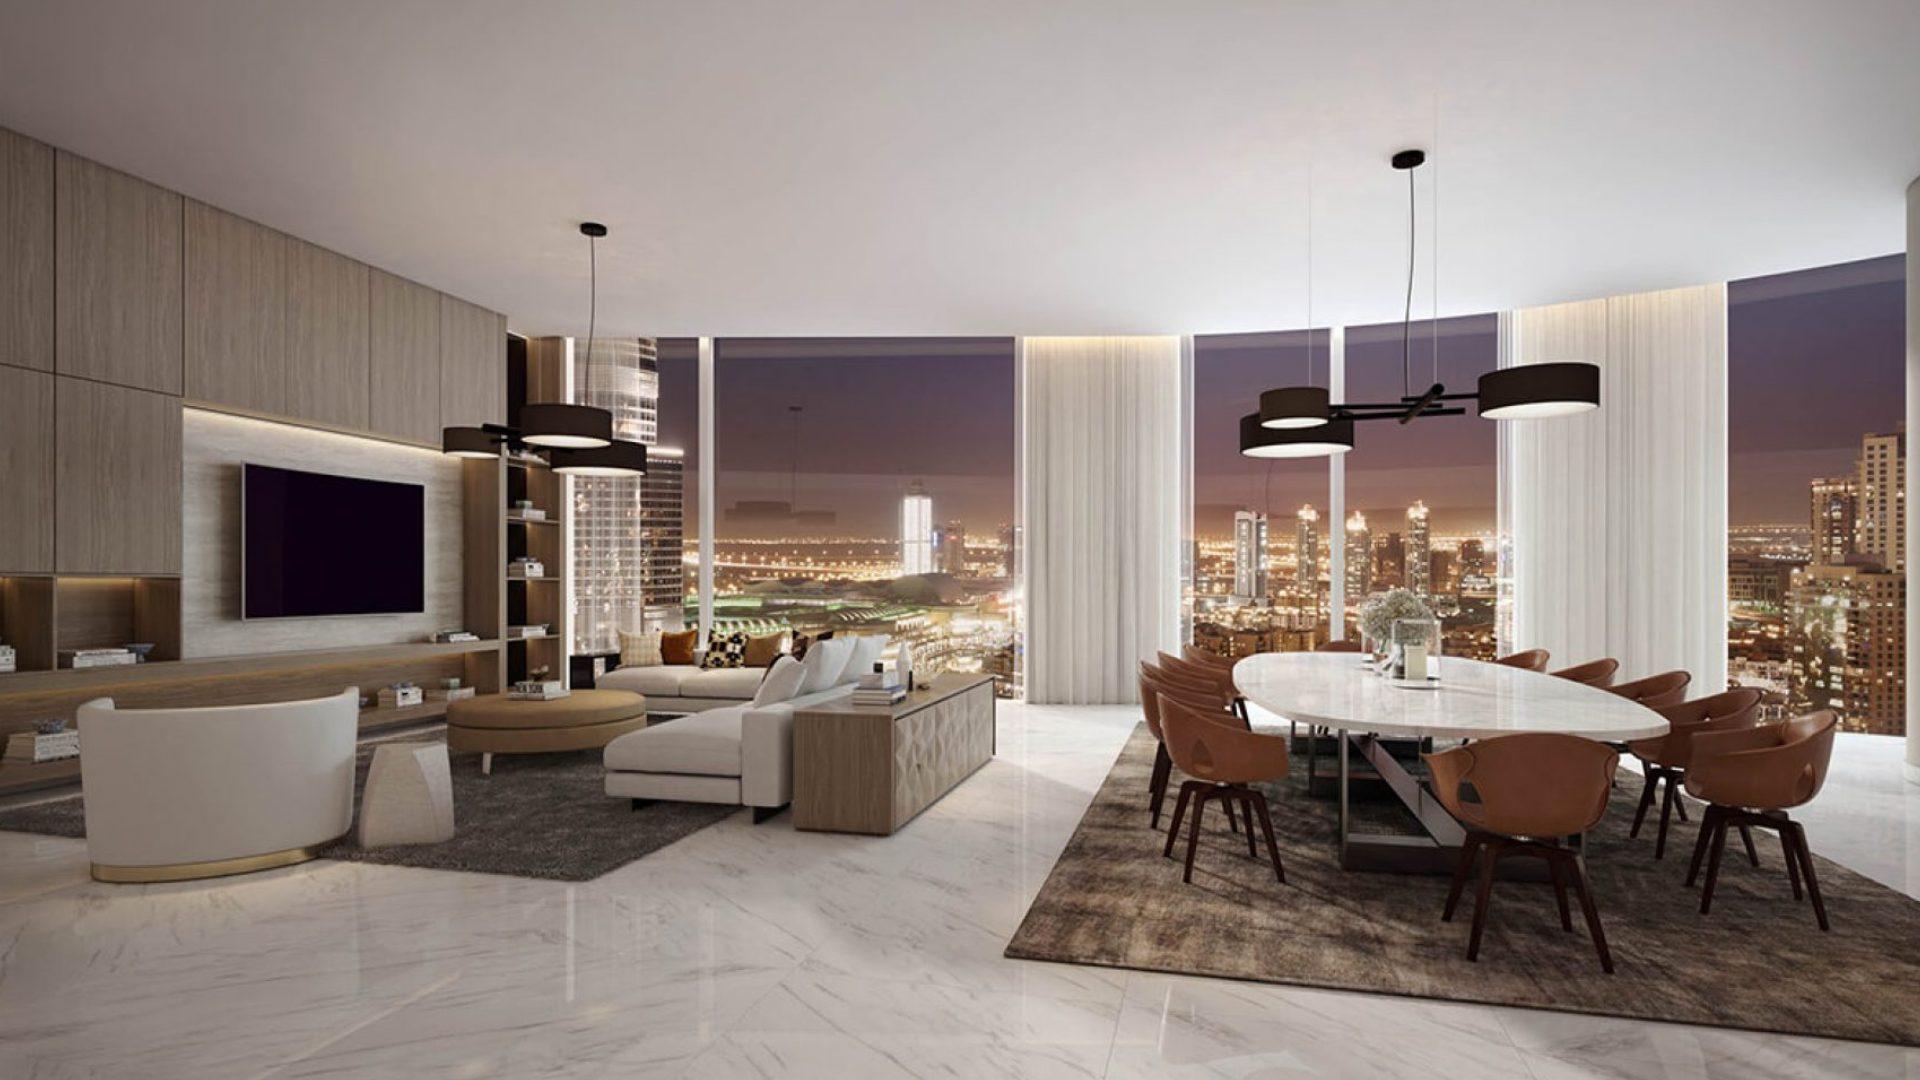 Ático en venta en Dubai, EAU, 4 dormitorios, 500 m2, № 24319 – foto 1